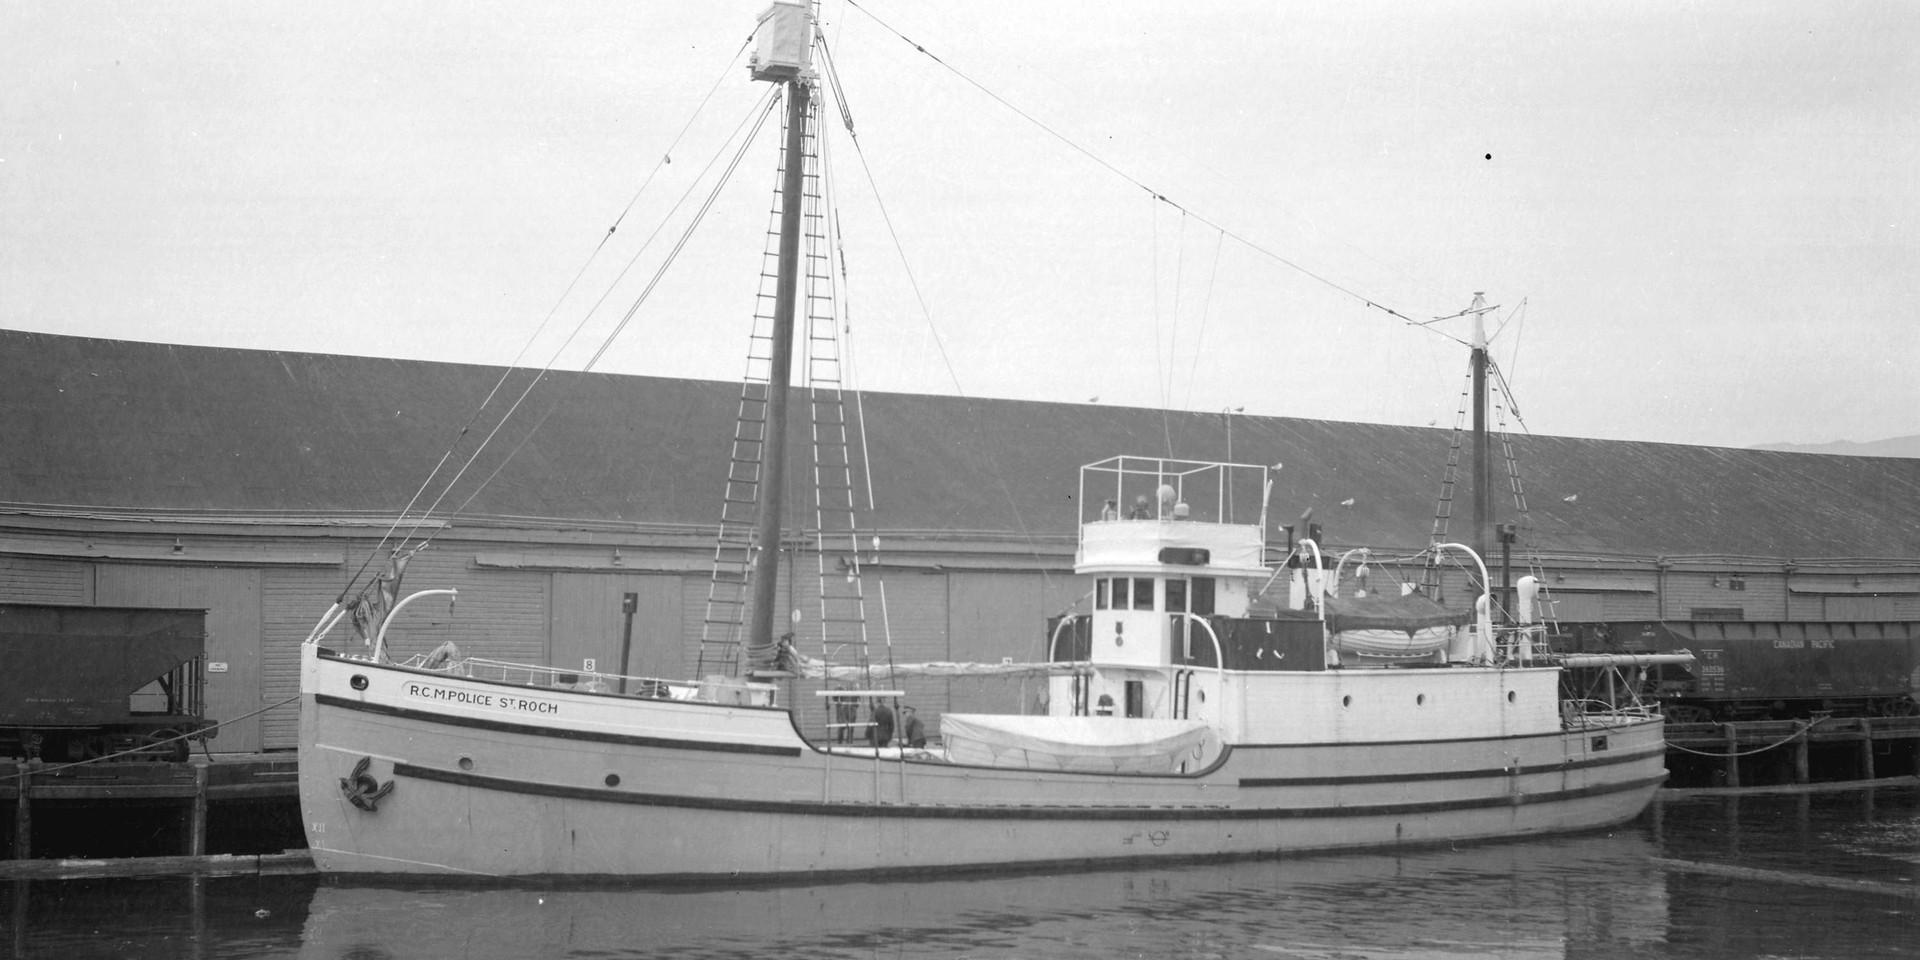 M.S. ST. ROCH (1954)